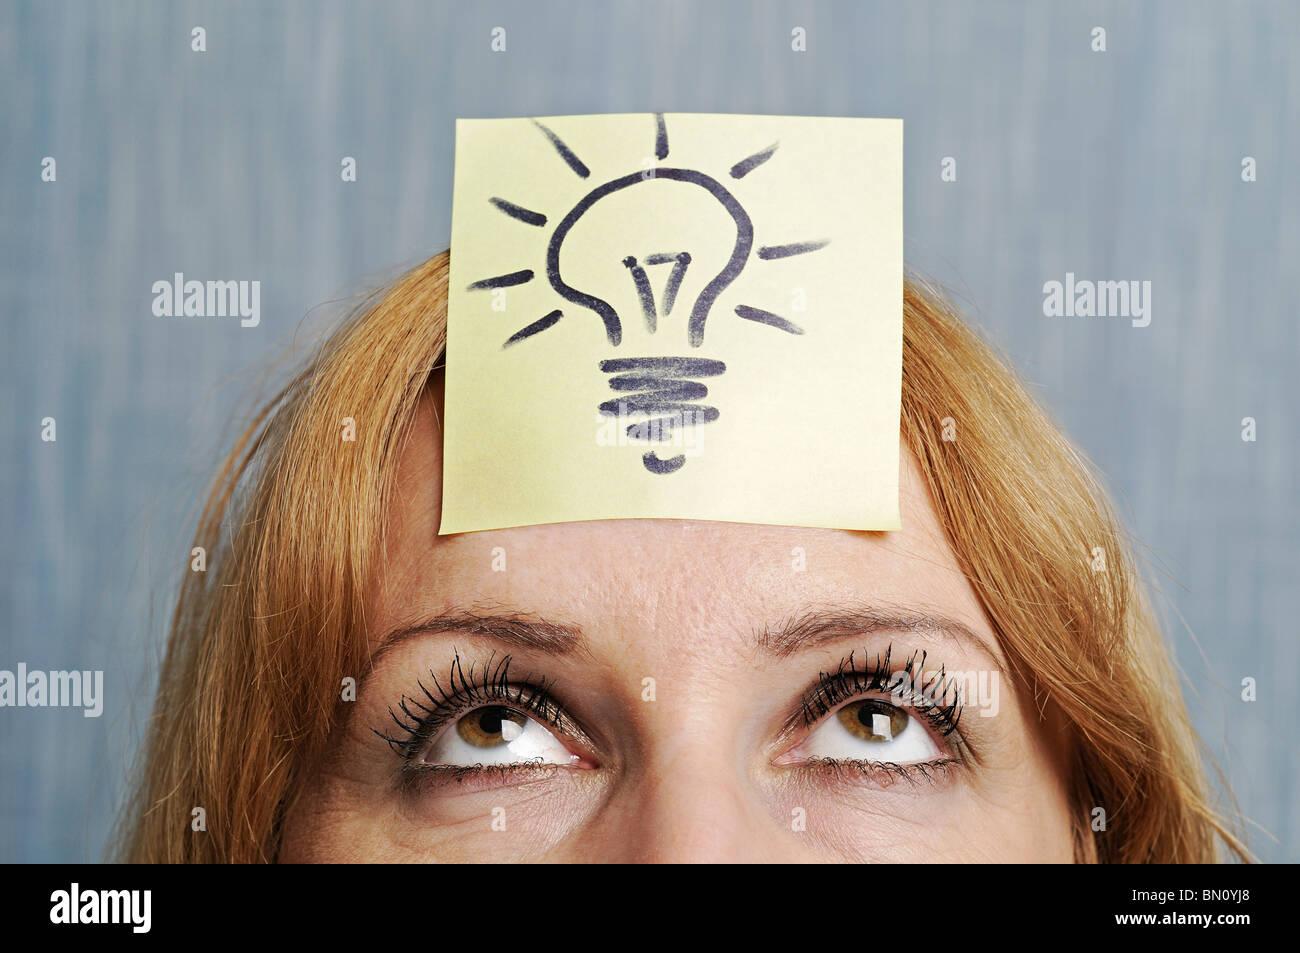 Ideen, Frau mit einer Zeichnung von einer Glühbirne auf dem Kopf. Stockbild